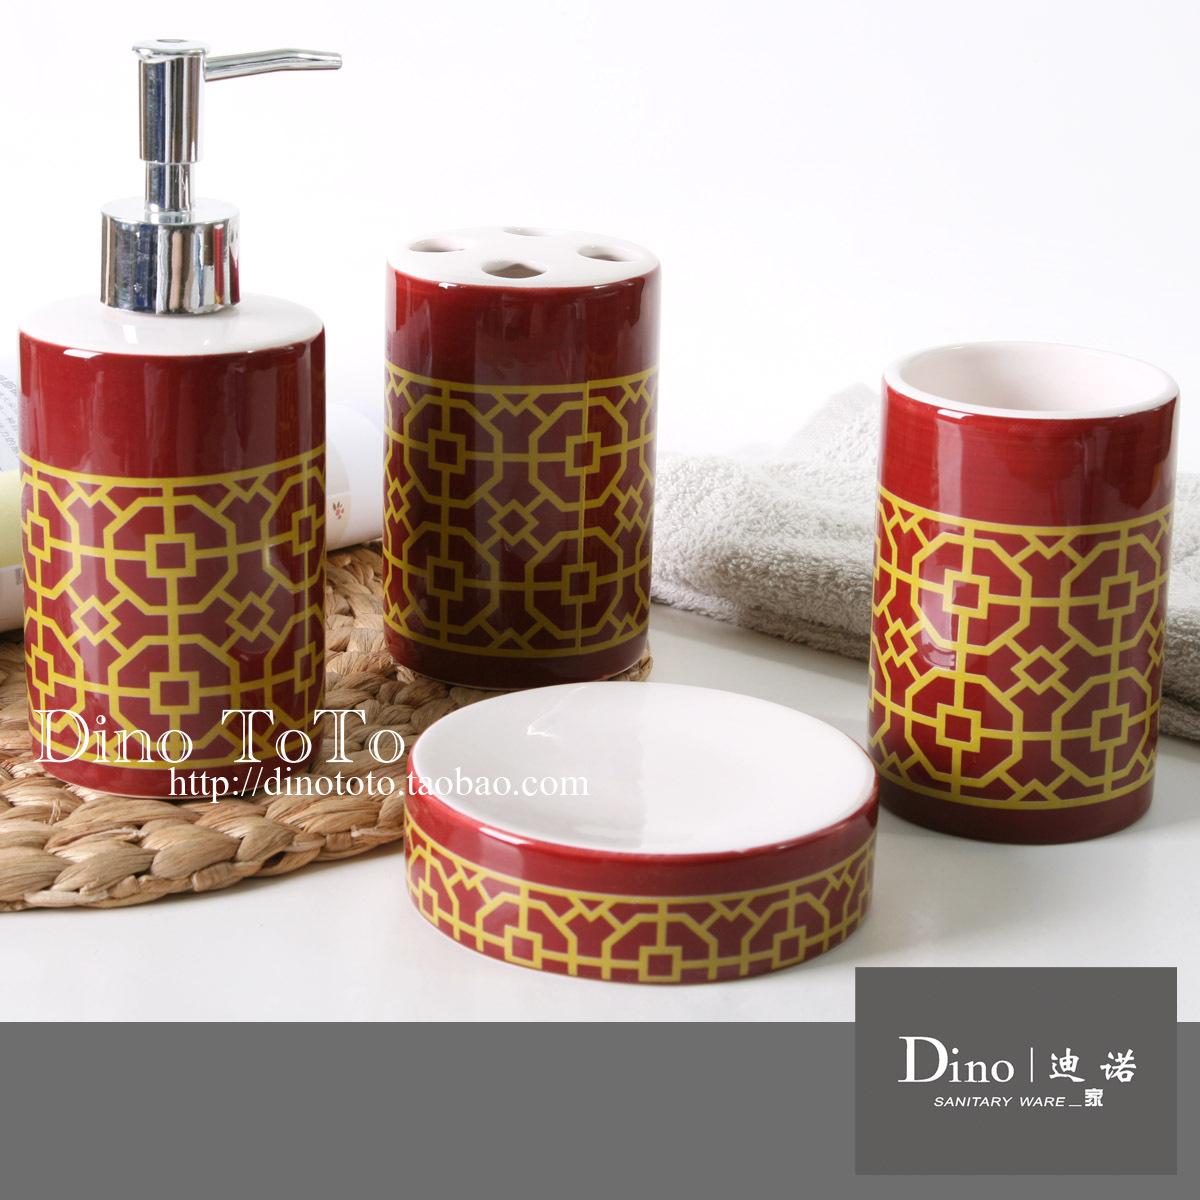 特价促销生活浴室洗漱居家用品 陶瓷卫浴四件套 浴室用品套件装组